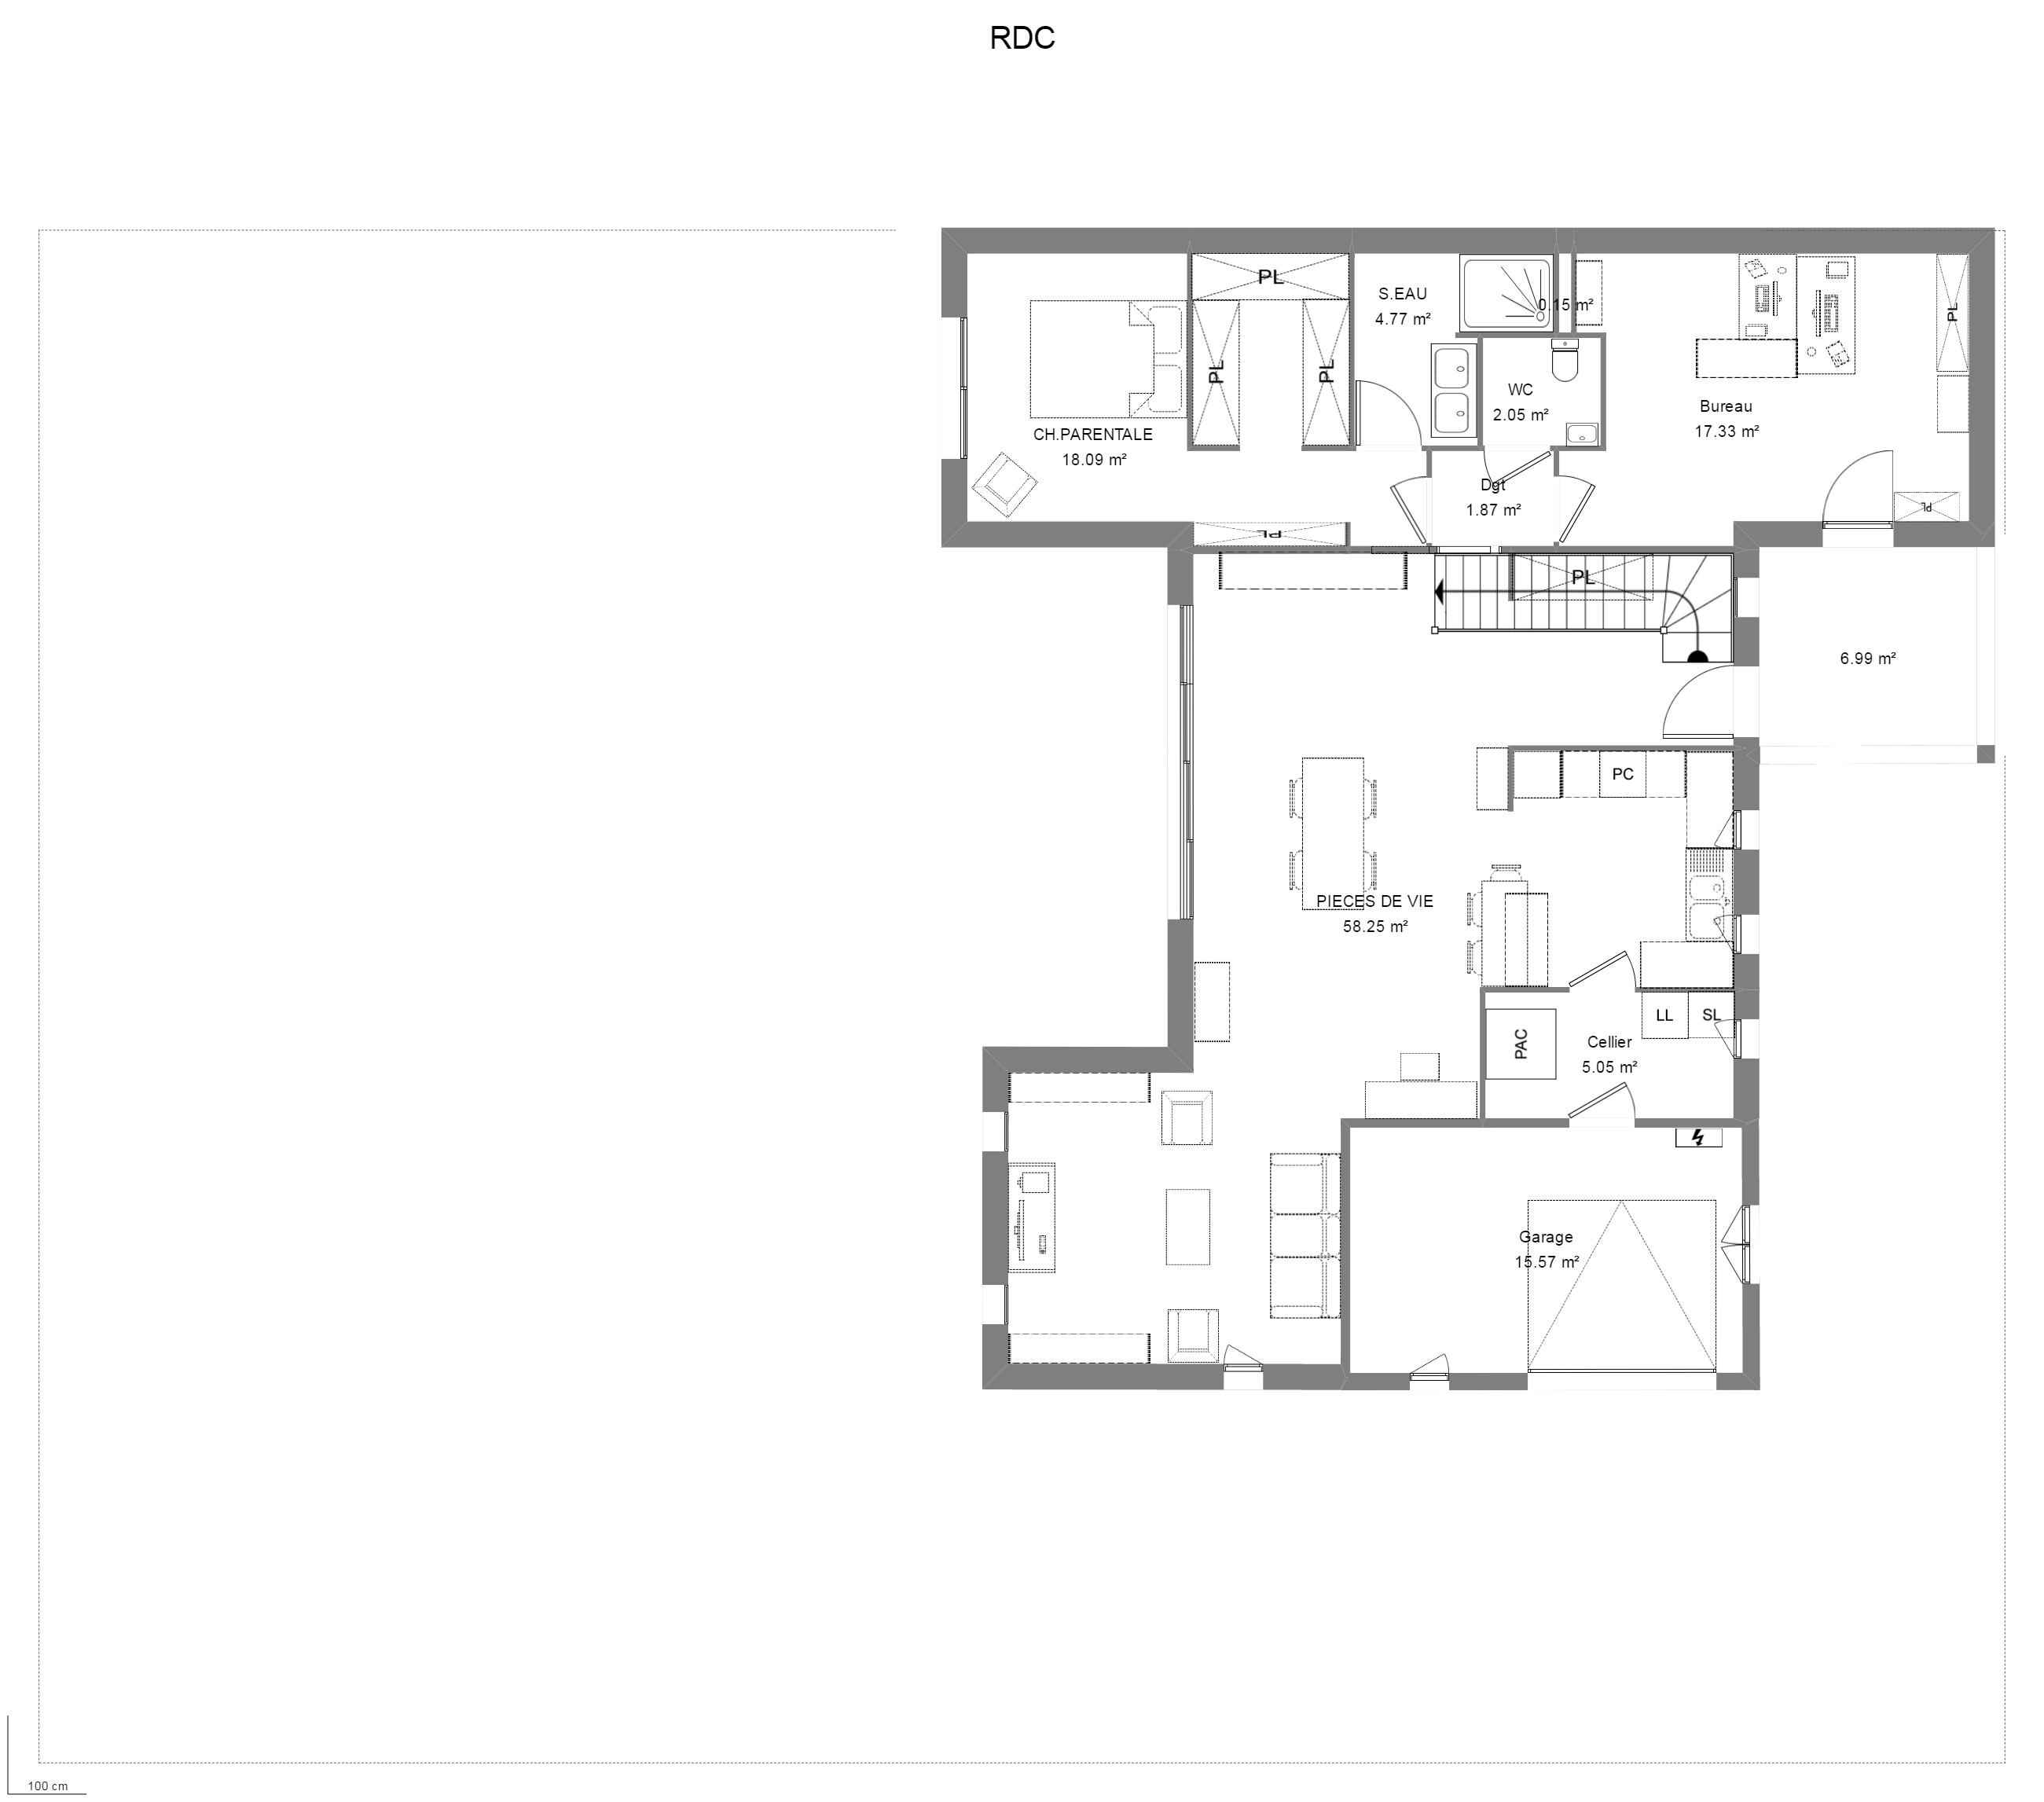 Maison architecte plan maison amthyste plan plan maison for Plan maison suite parentale rdc